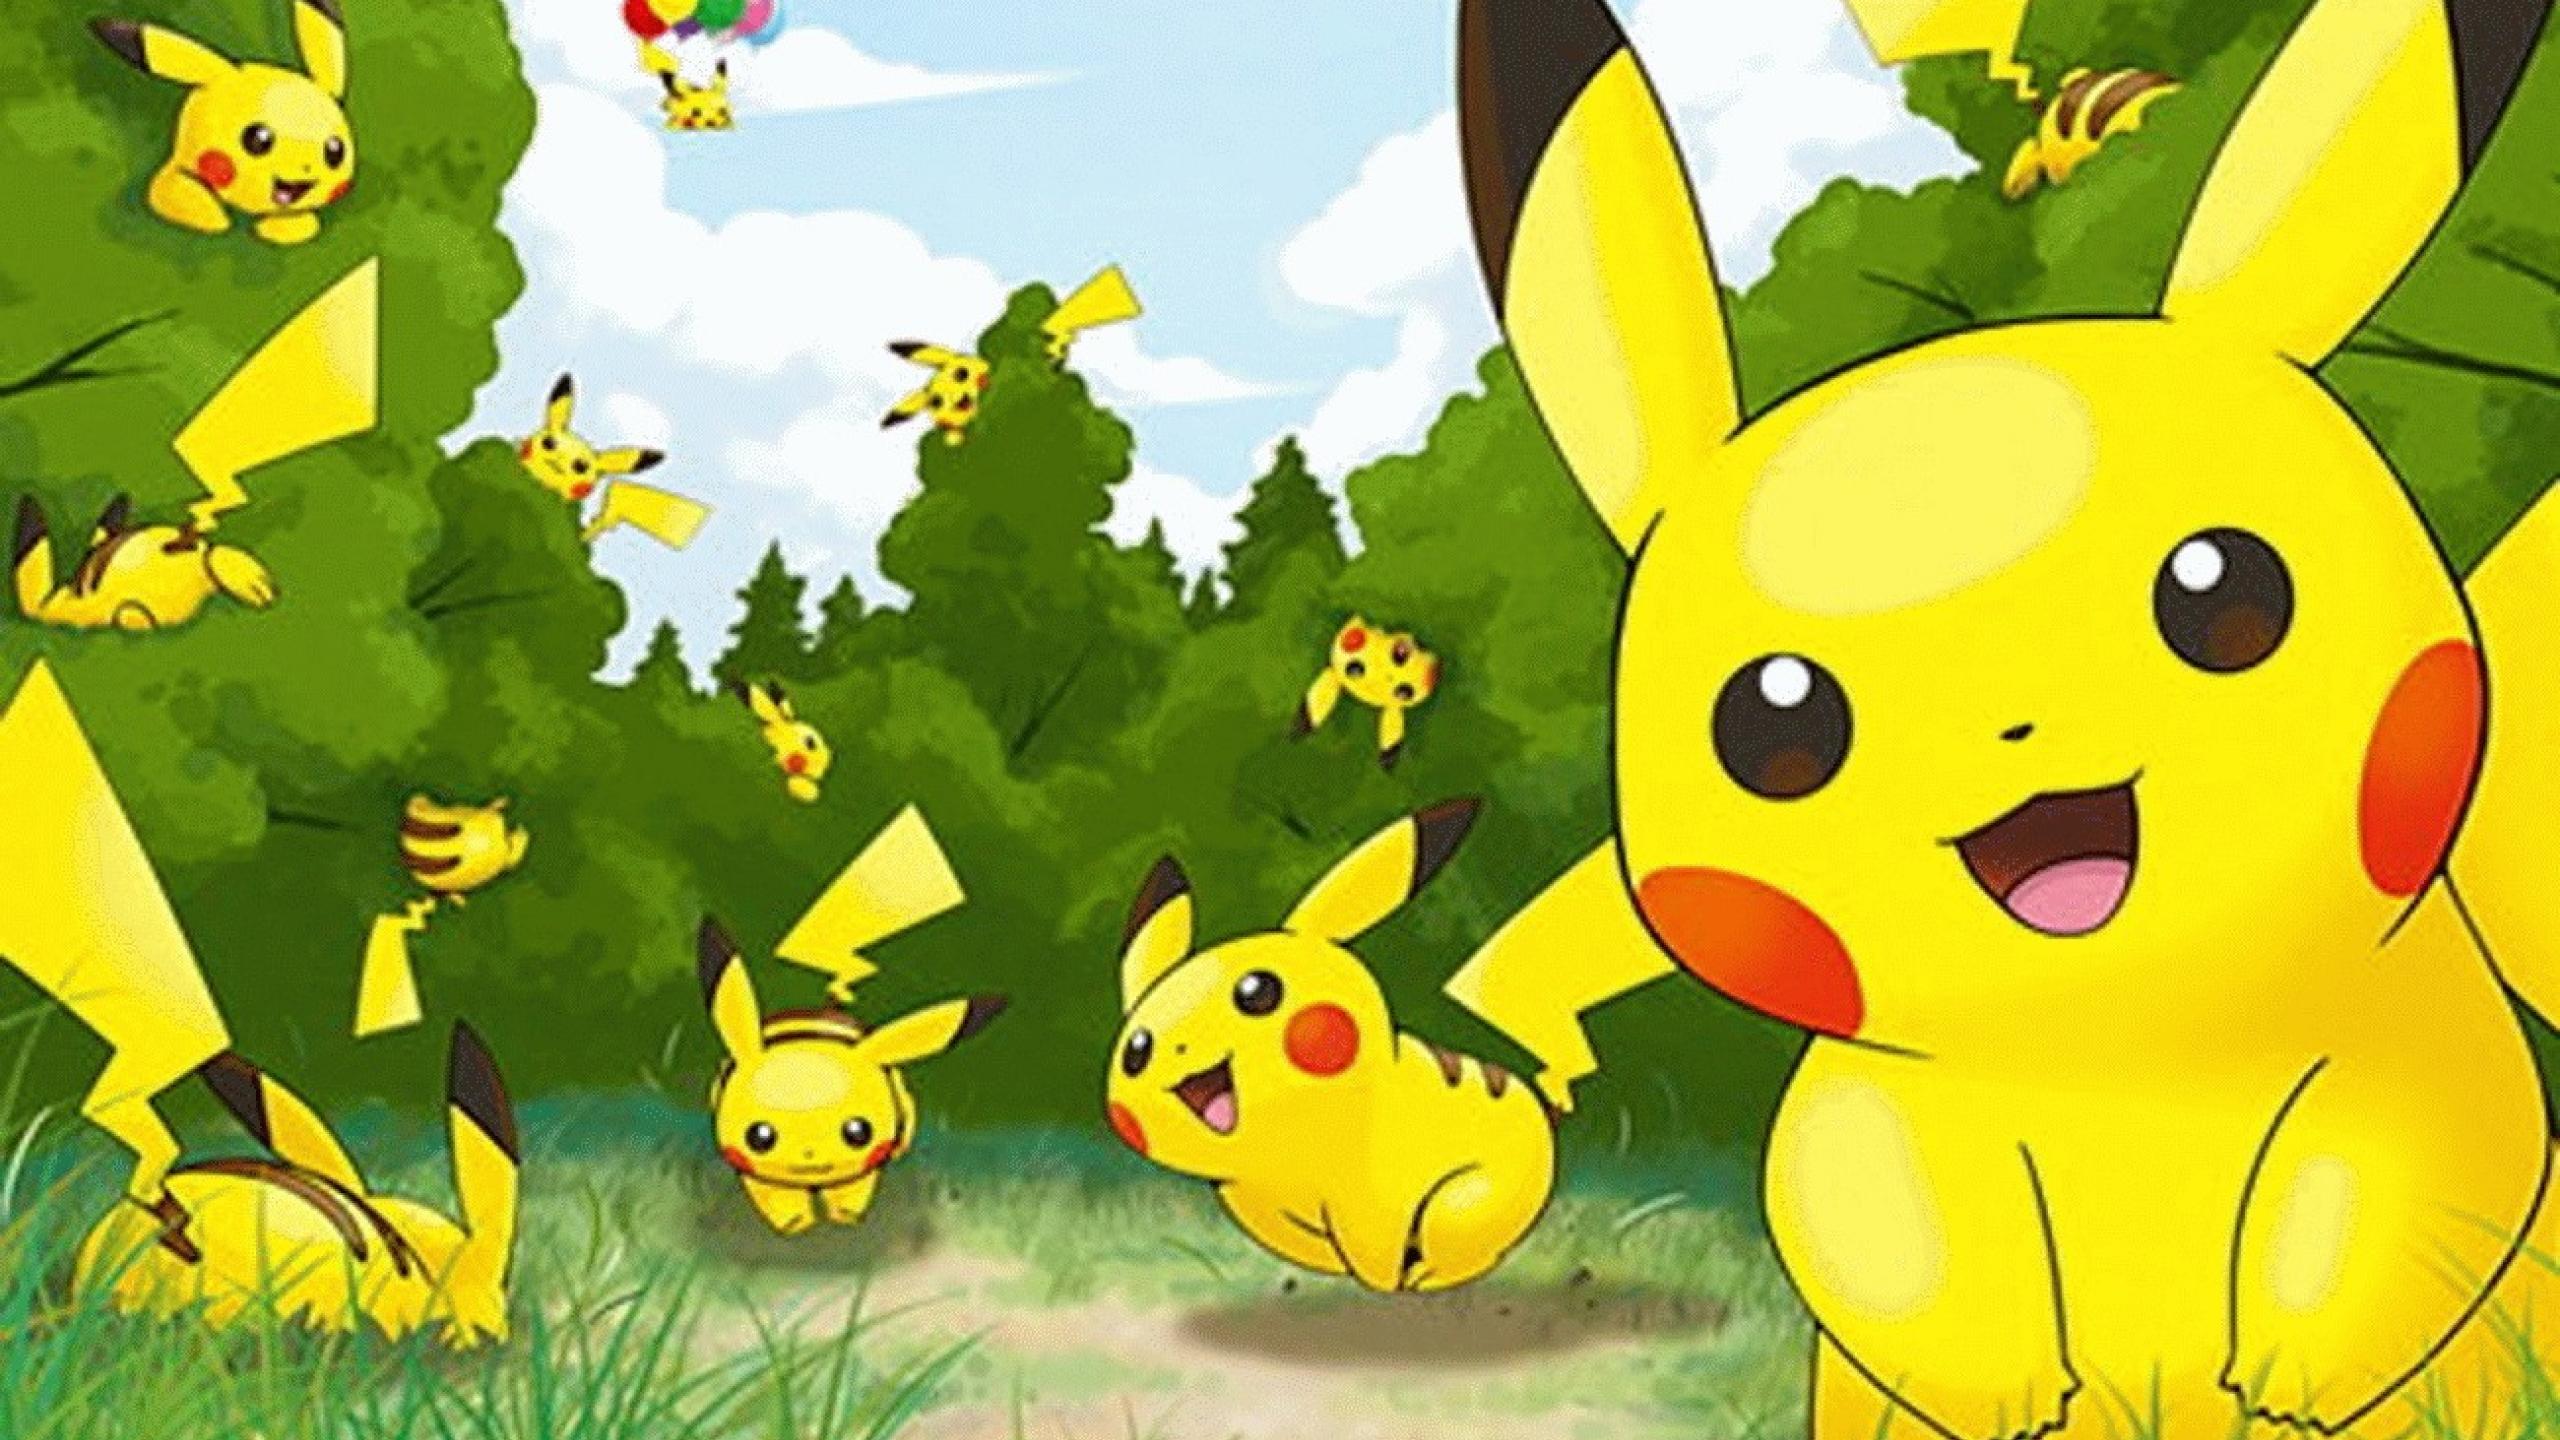 Totoro Cute Wallpaper Free Download Pikachu Backgrounds Pixelstalk Net